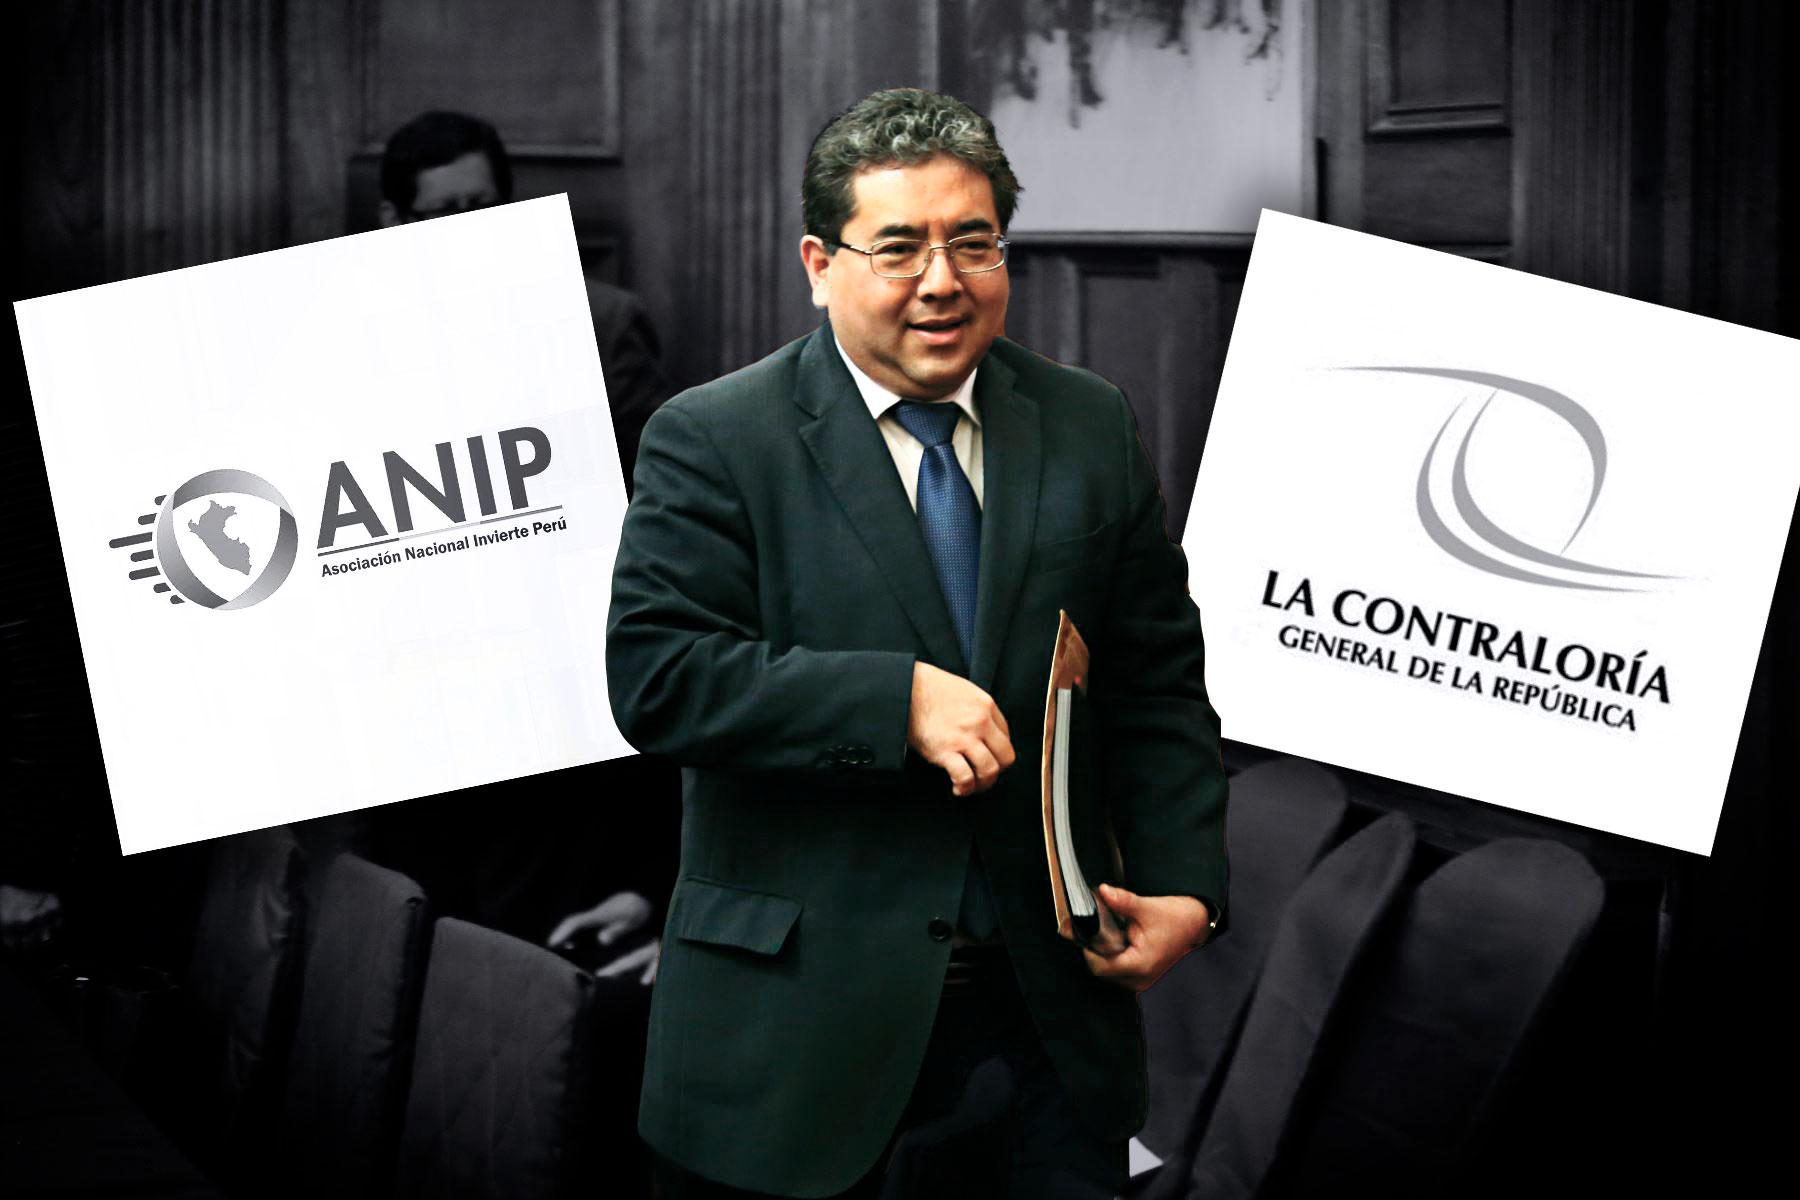 Los contratos y designaciones de Invierte Perú, la asociación creada por el contralor Nelson Shack